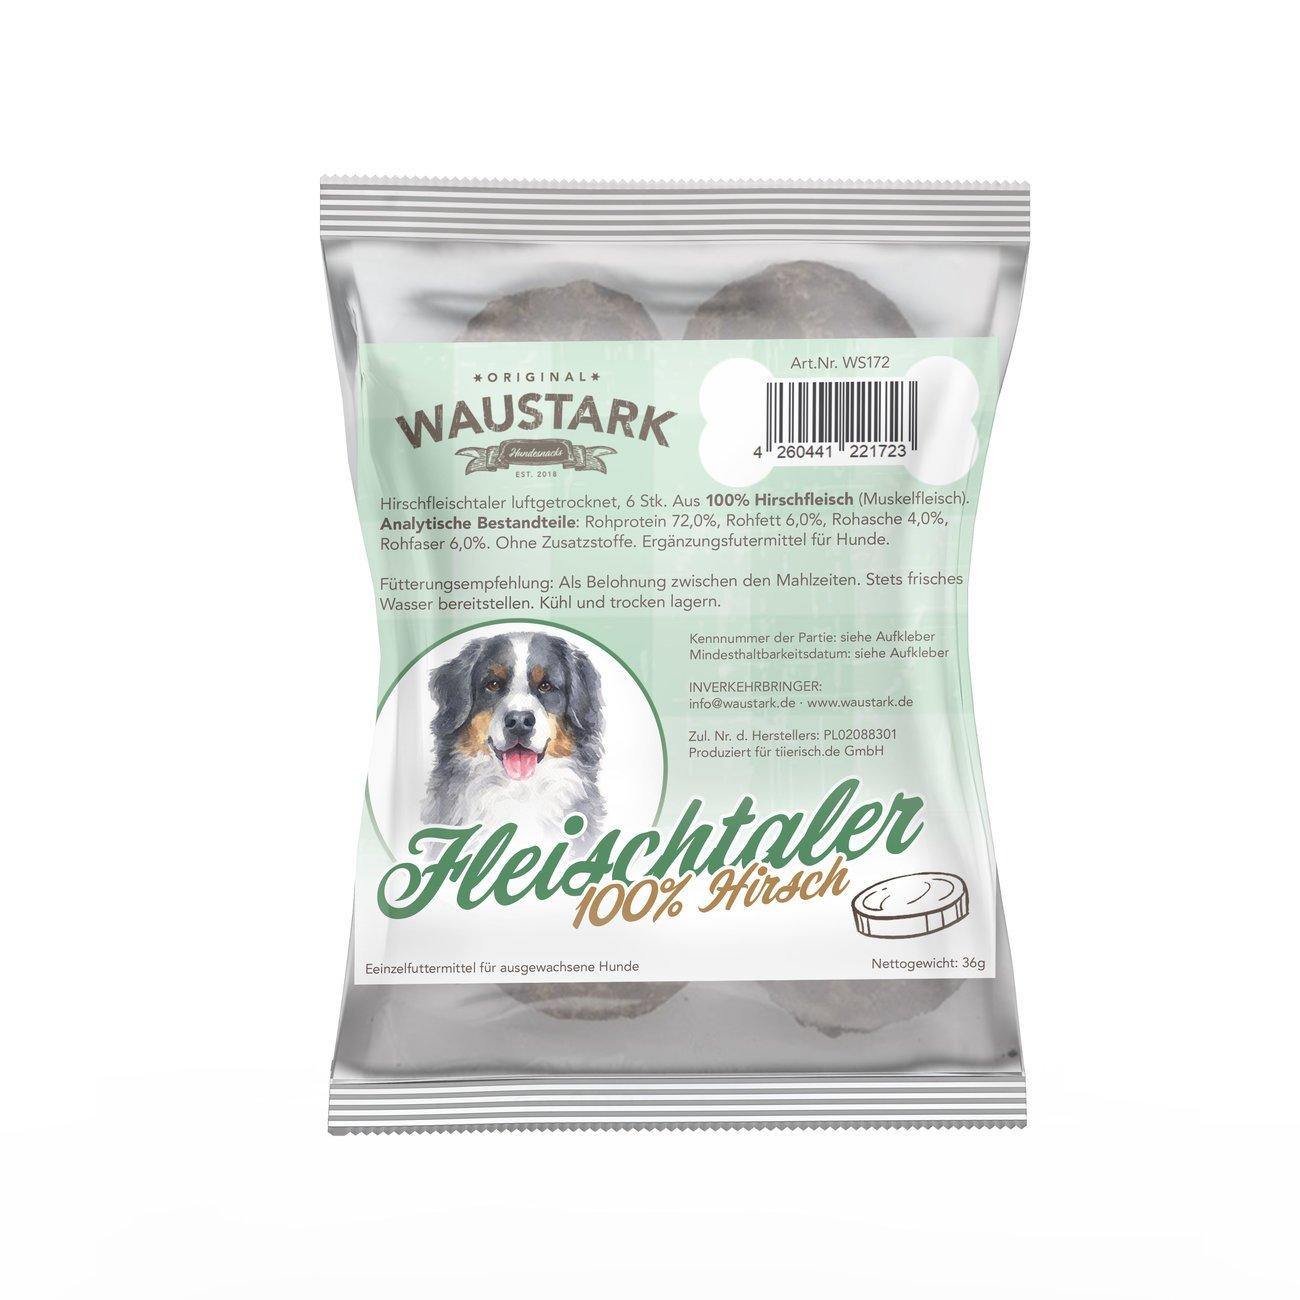 Premium luftgetrocknete Fleischtaler für Hunde Bild 3